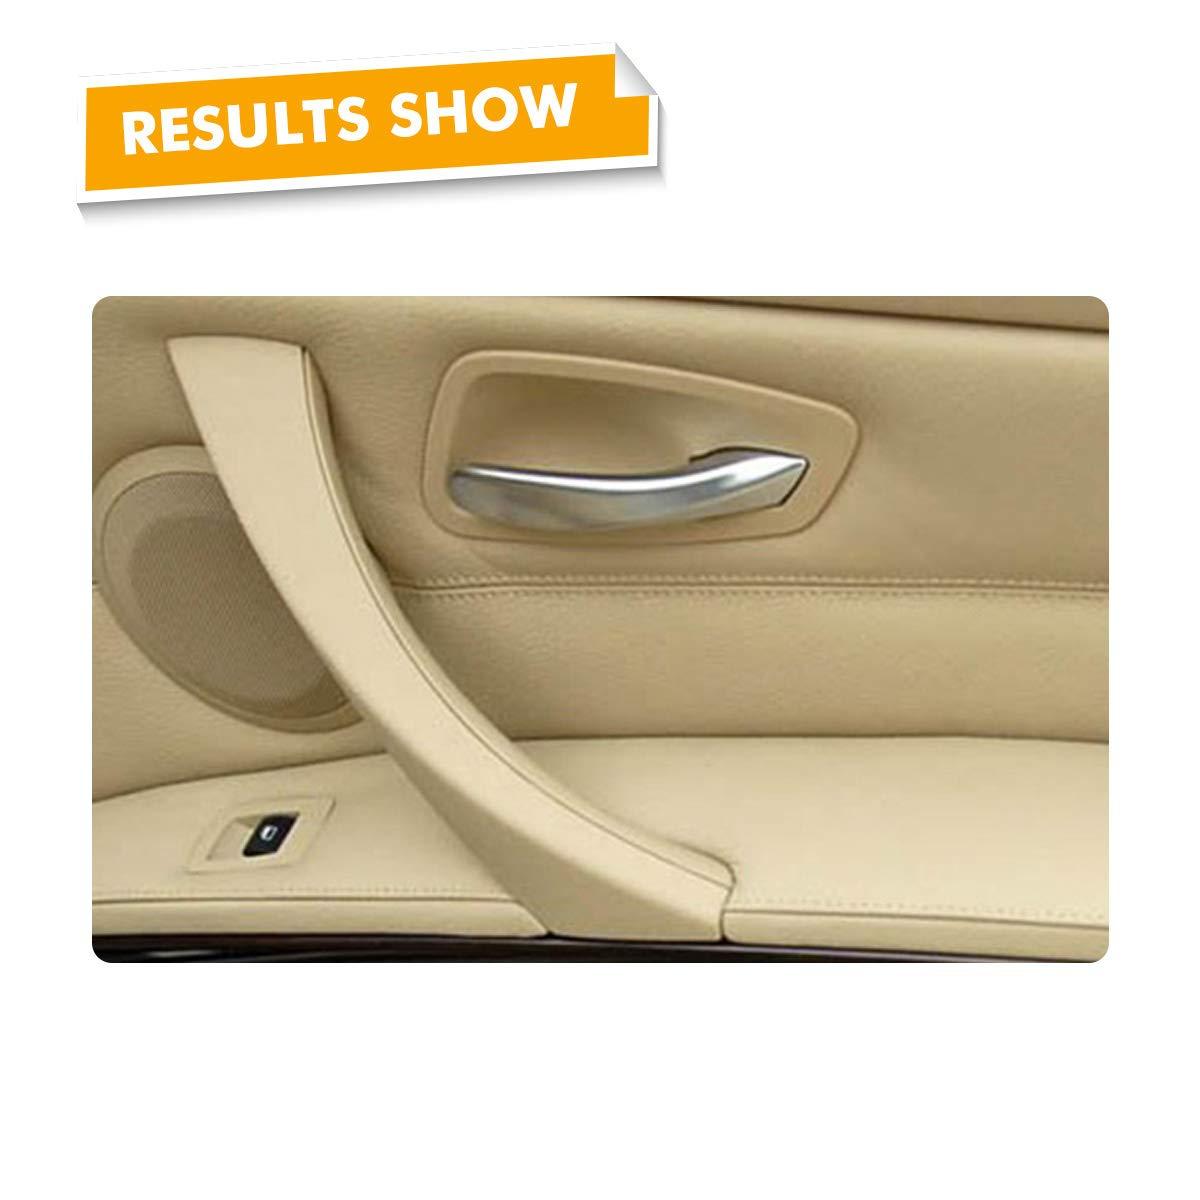 MODIFY-GT C/ôt/é droit et gauche Beige Porte int/érieure Panneau Poign/ée Garniture Garniture Porte-bagages et porte c/ôt/é conducteur Poign/ée de porte